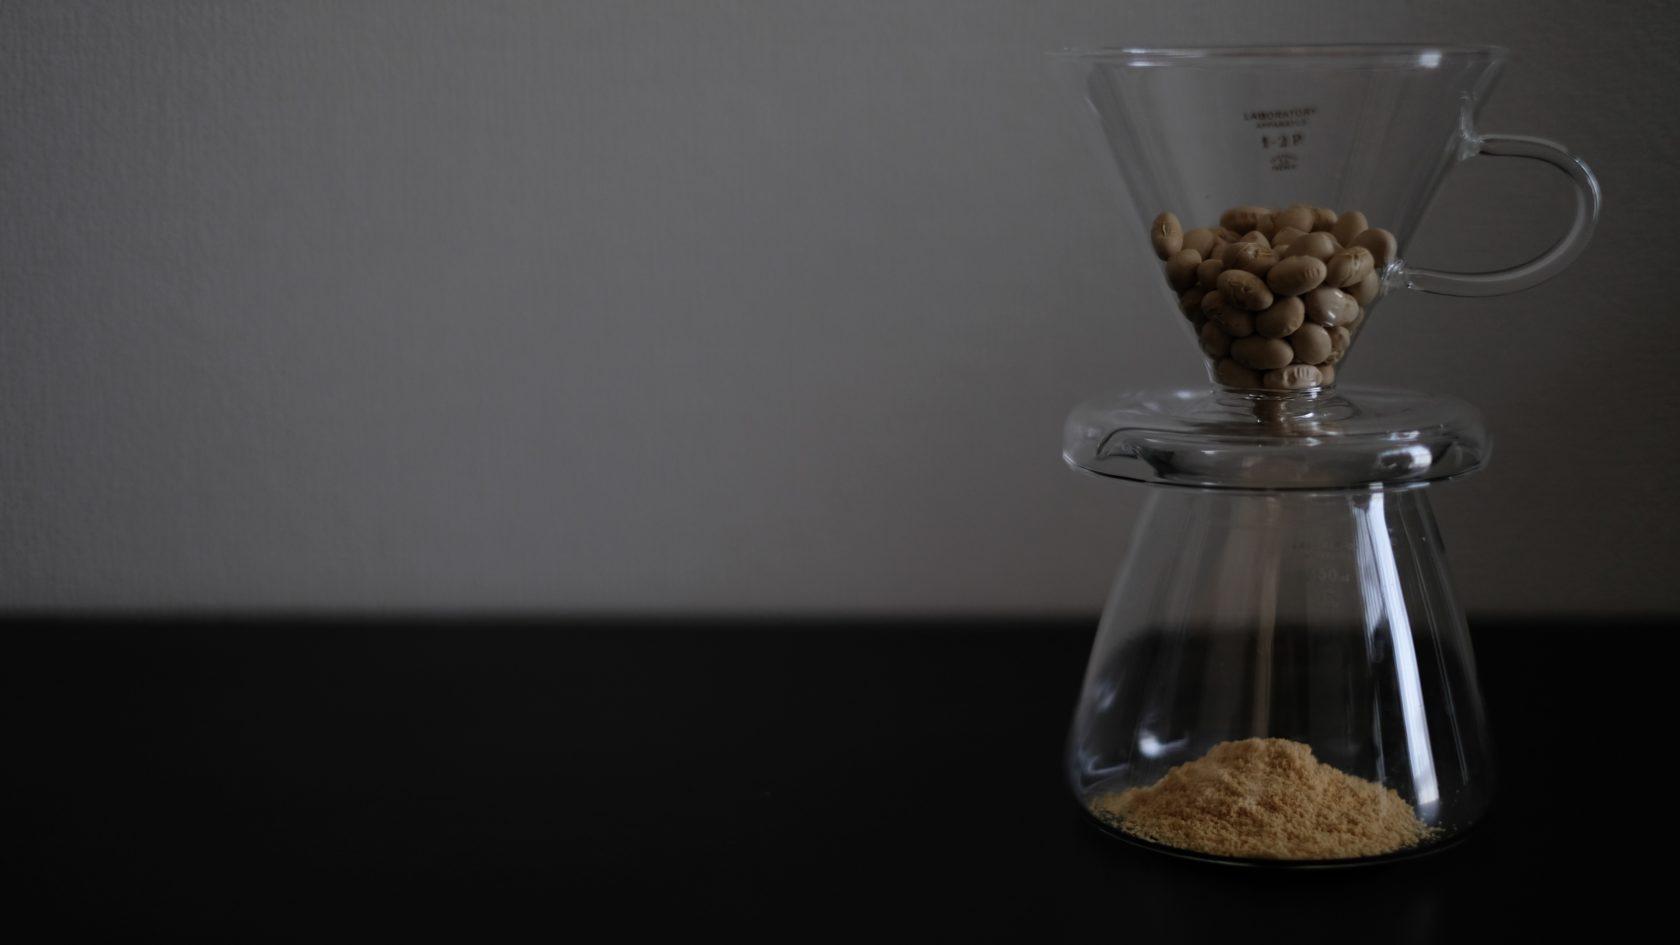 大豆 × エスプレッソ挽きでつくる香り豊かな挽きたて「きな粉」